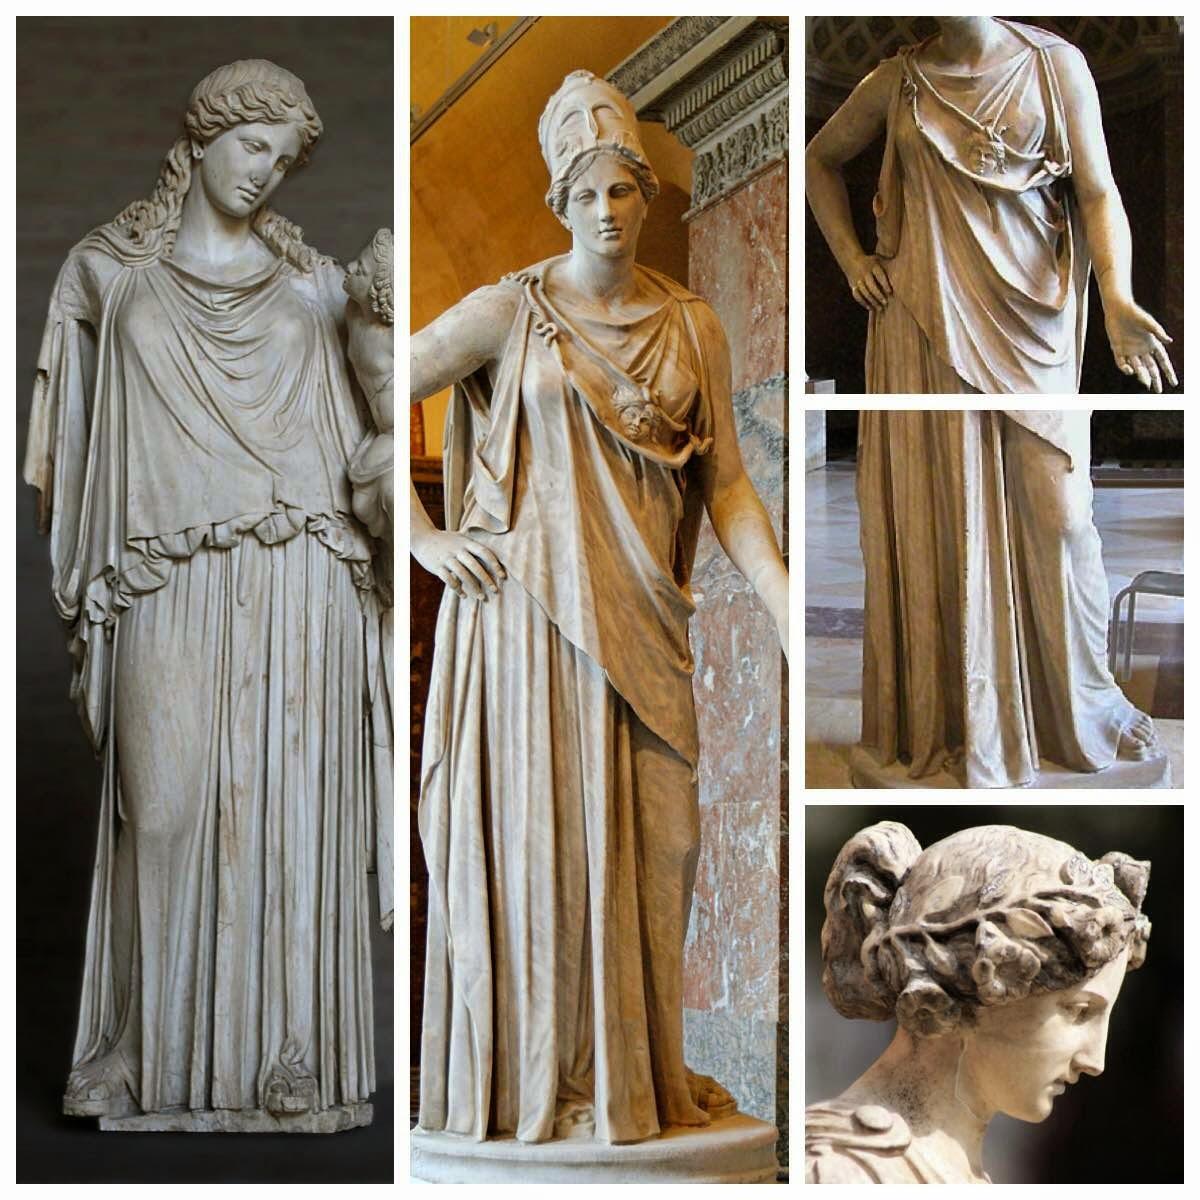 Znalezione obrazy dla zapytania moda w starożytnej grecji